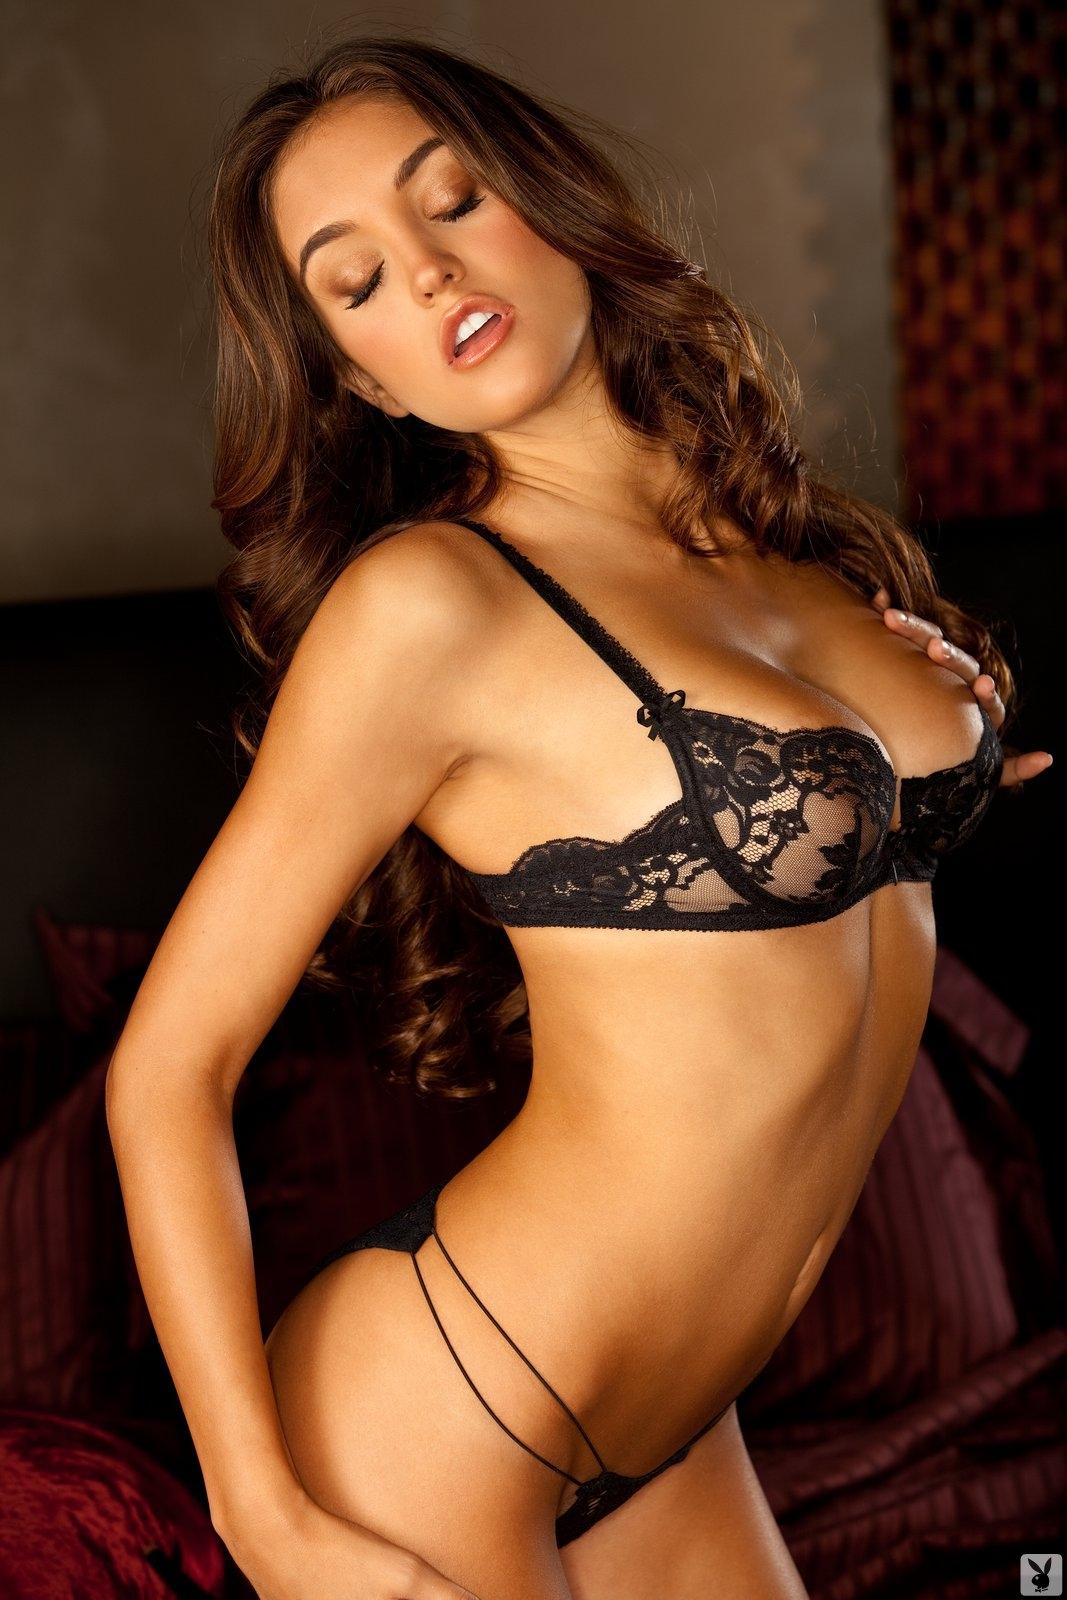 hottest naked playboy girls